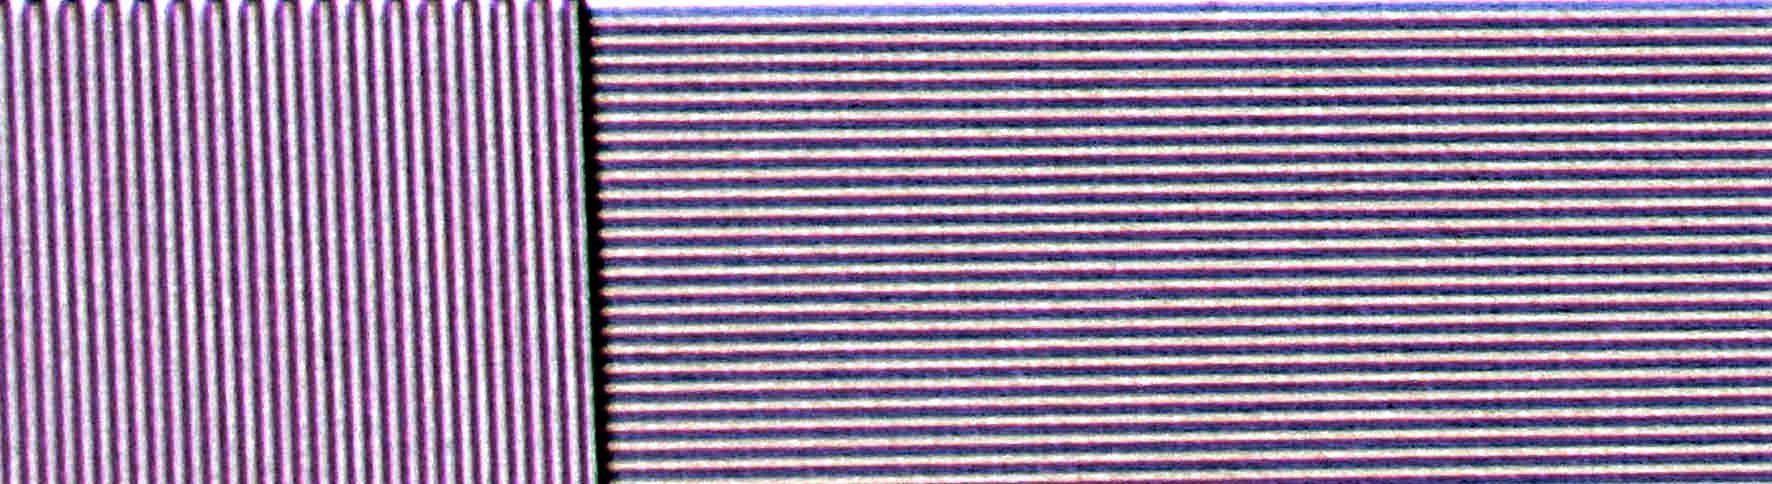 Allerkleinste Linienmuster in UHD-Pixelgröße stellt der JVC DLA-N7 vollständig dar. Der volle Kontrast bleibt erhalten. Aufgrund von minimalen Interferenzen/Konvergenzabweichungen kommt es zu ganz leichten Einfärbungen der schwarzen Linien. Diese haben keinen negativen Einfluss auf reale Bildinhalte und sind nur auf Testbildern zu detektieren.